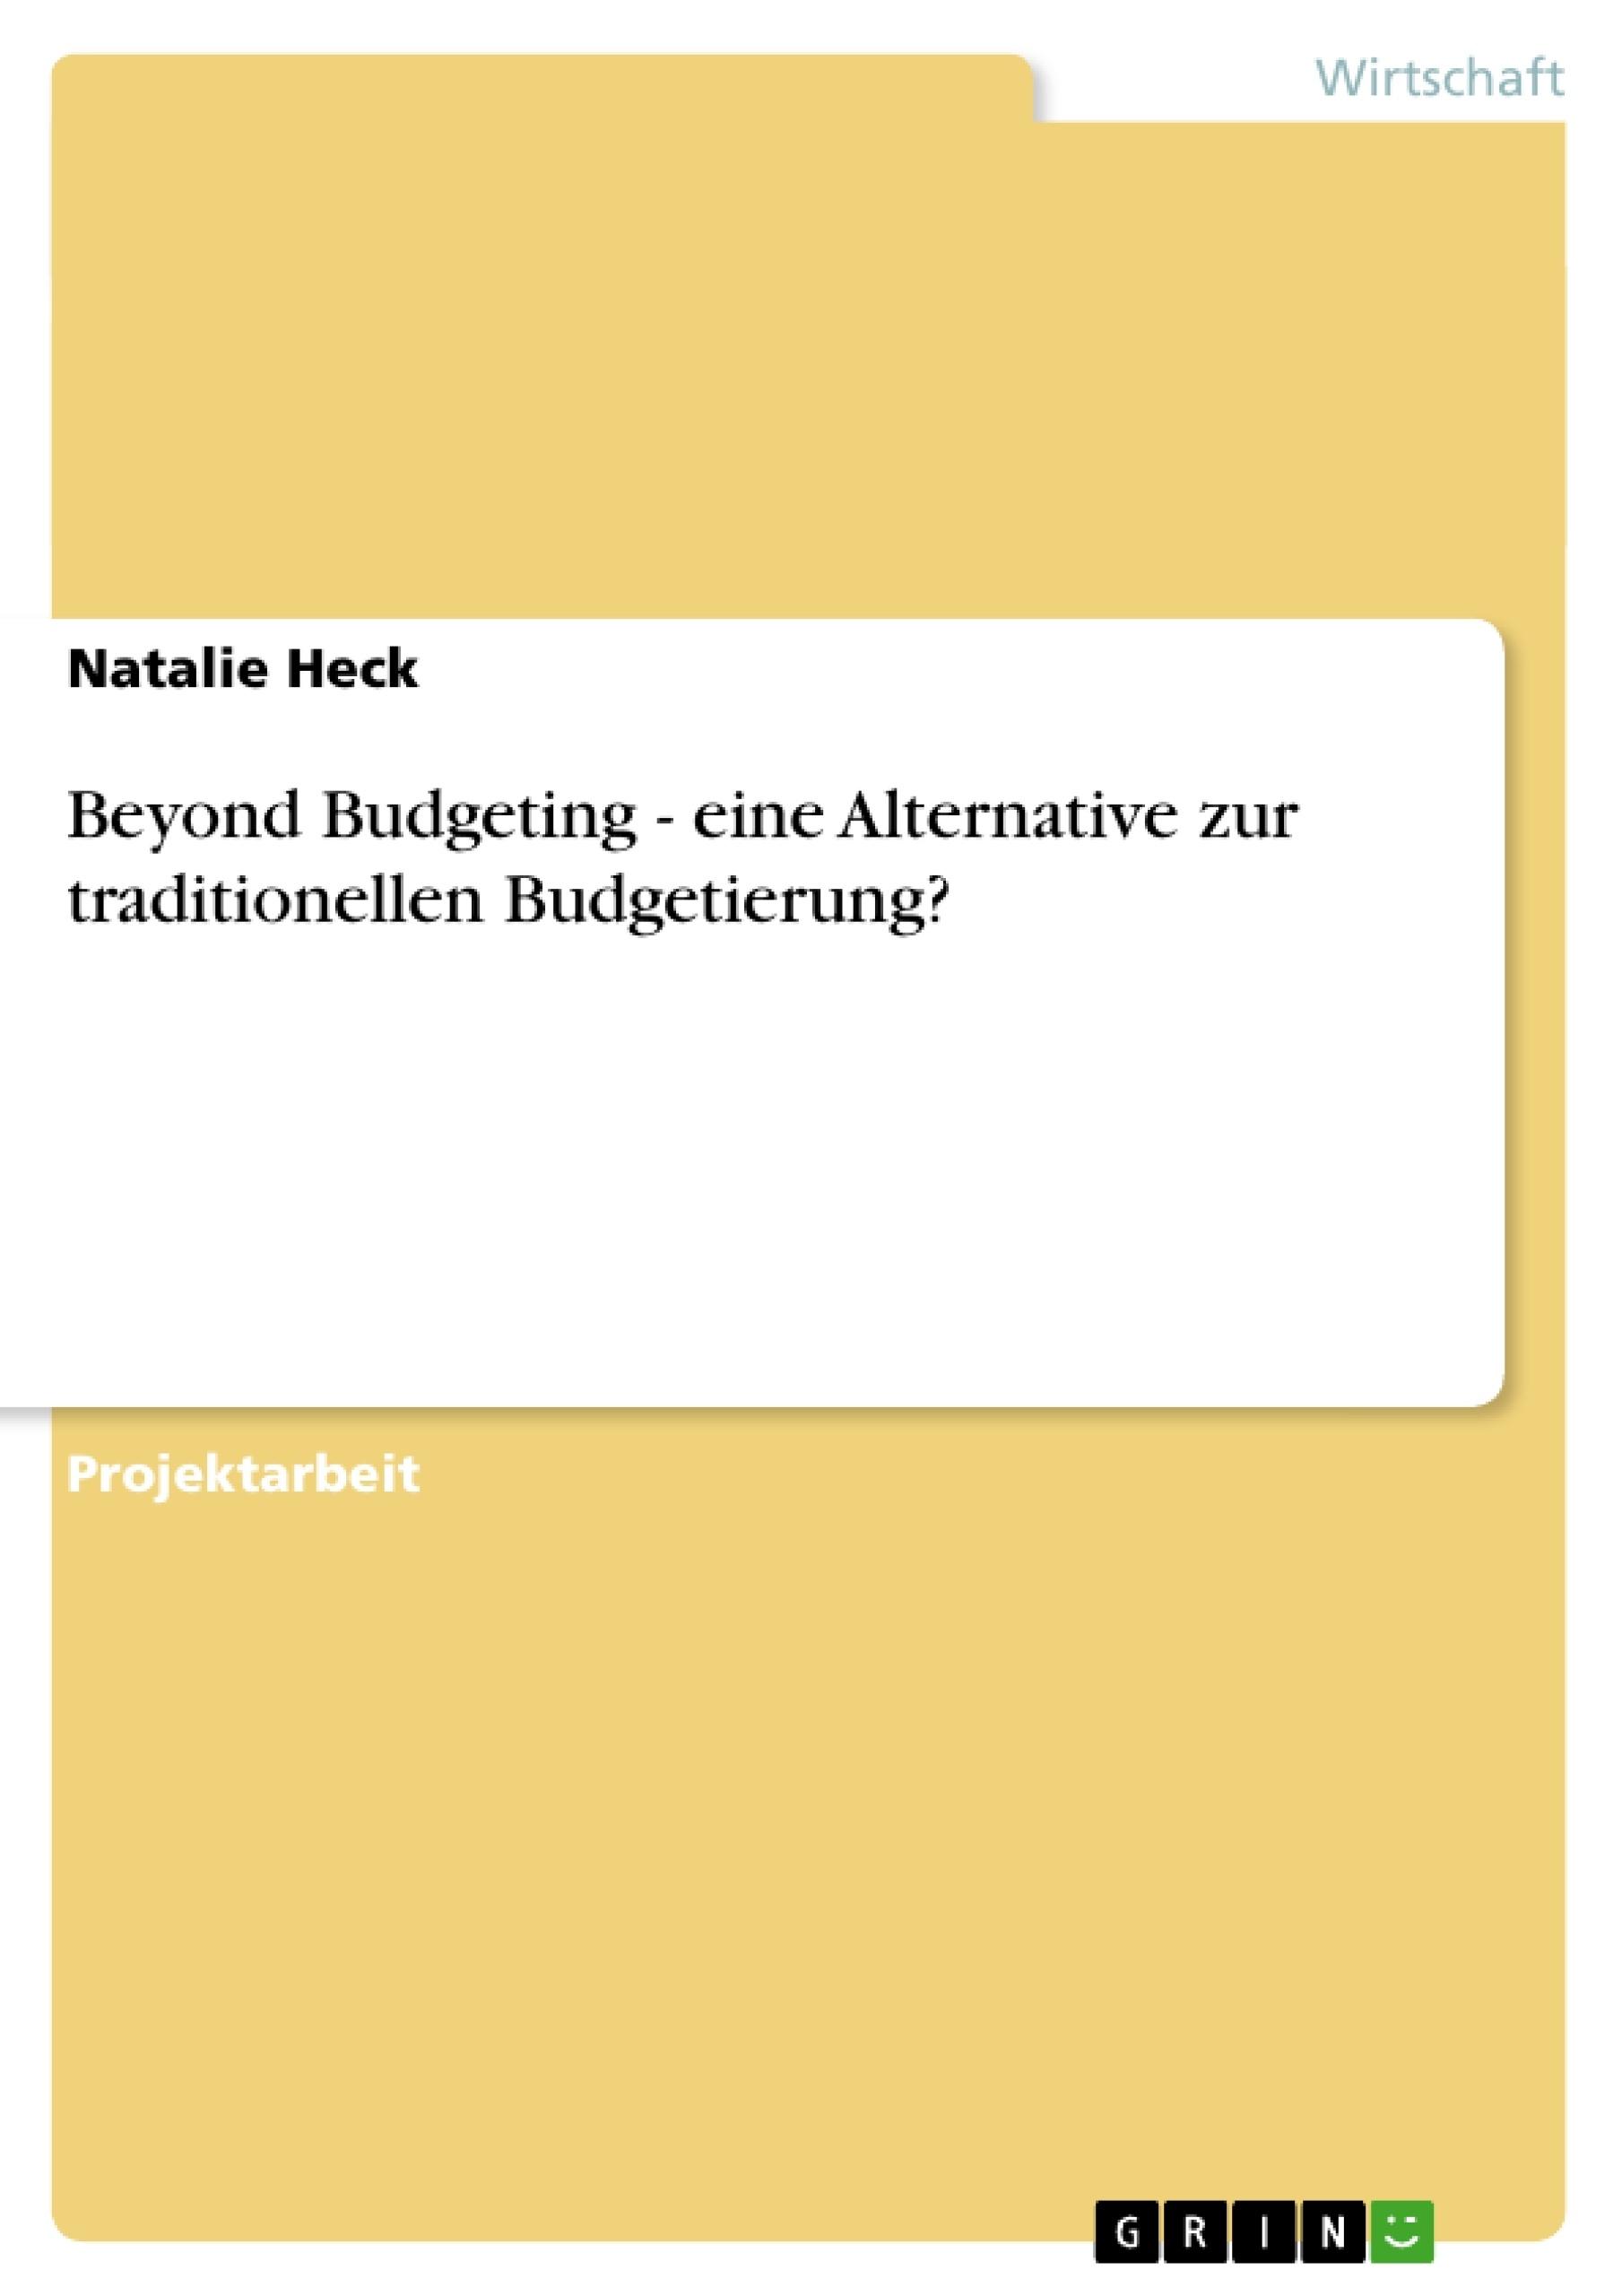 Titel: Beyond Budgeting - eine Alternative zur traditionellen Budgetierung?